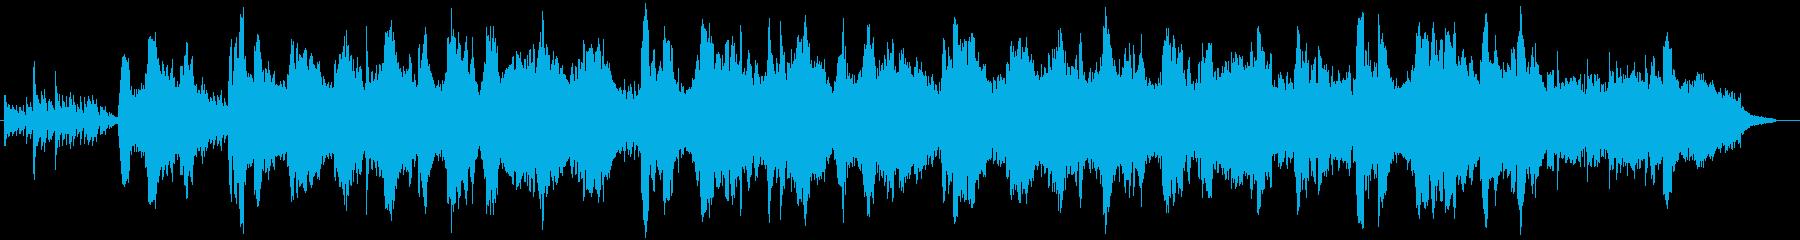 世界的な二胡奏者の生演奏 美しく切ないの再生済みの波形